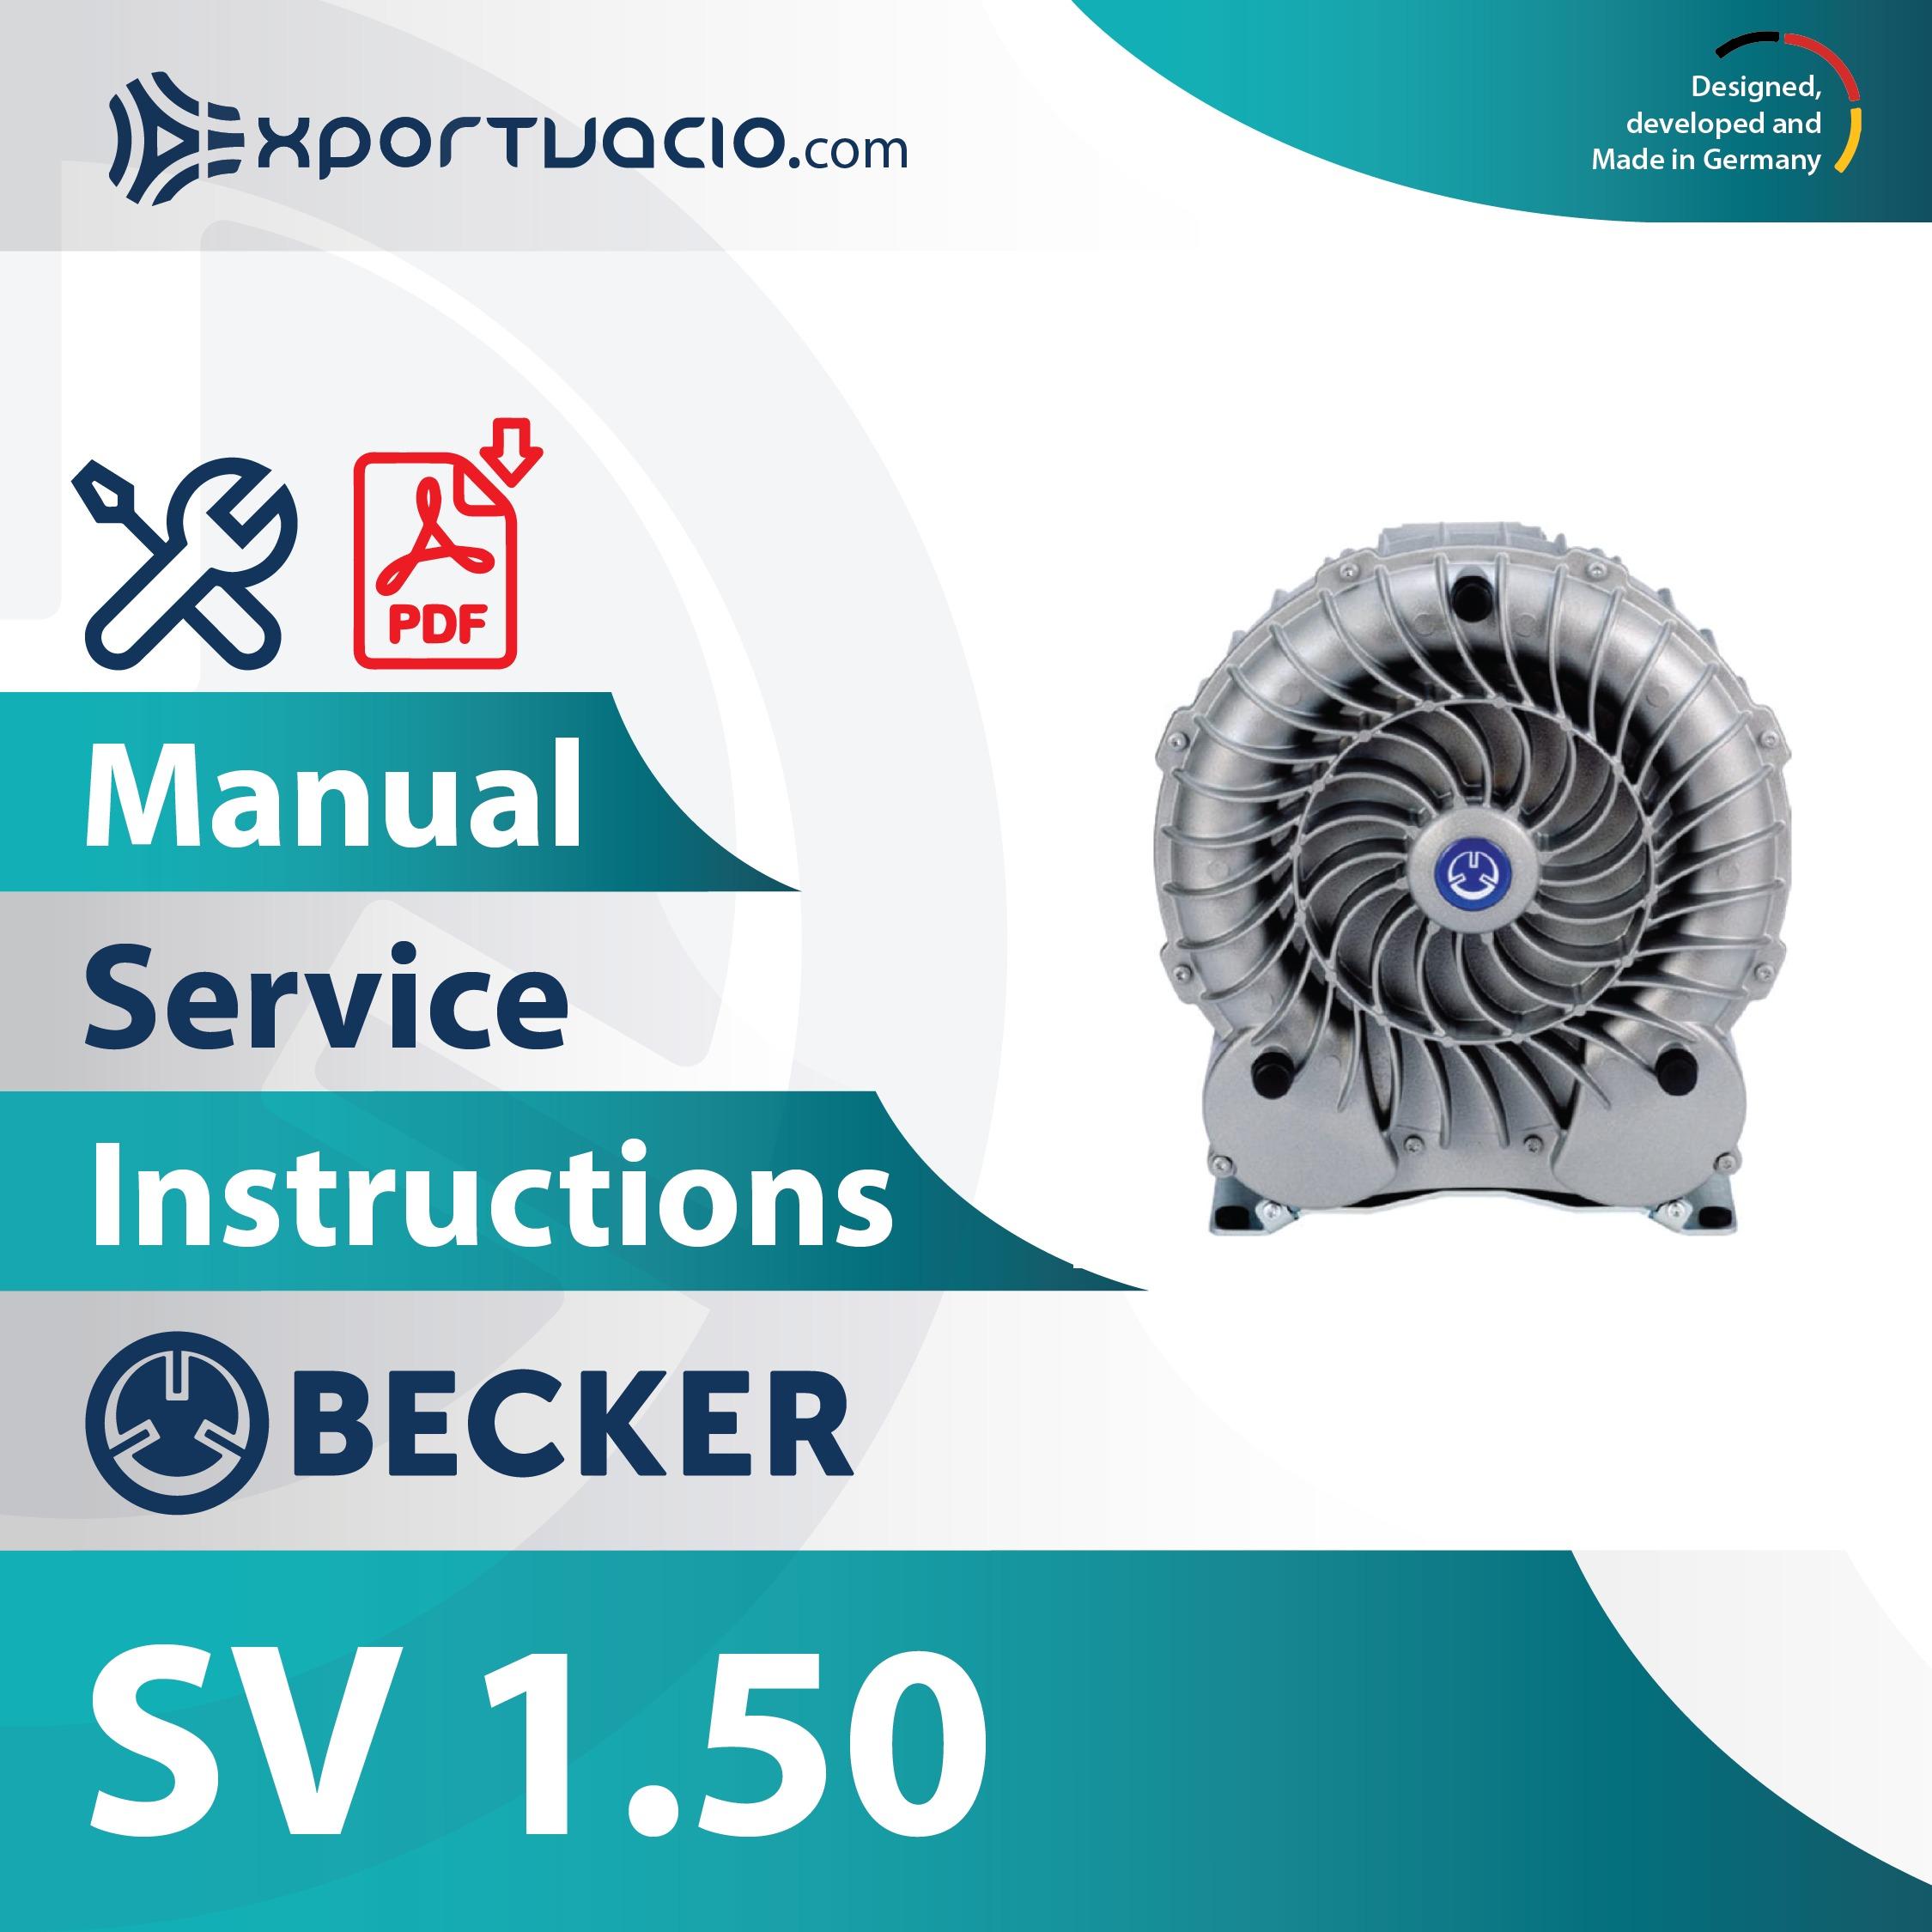 Becker SV 1.50